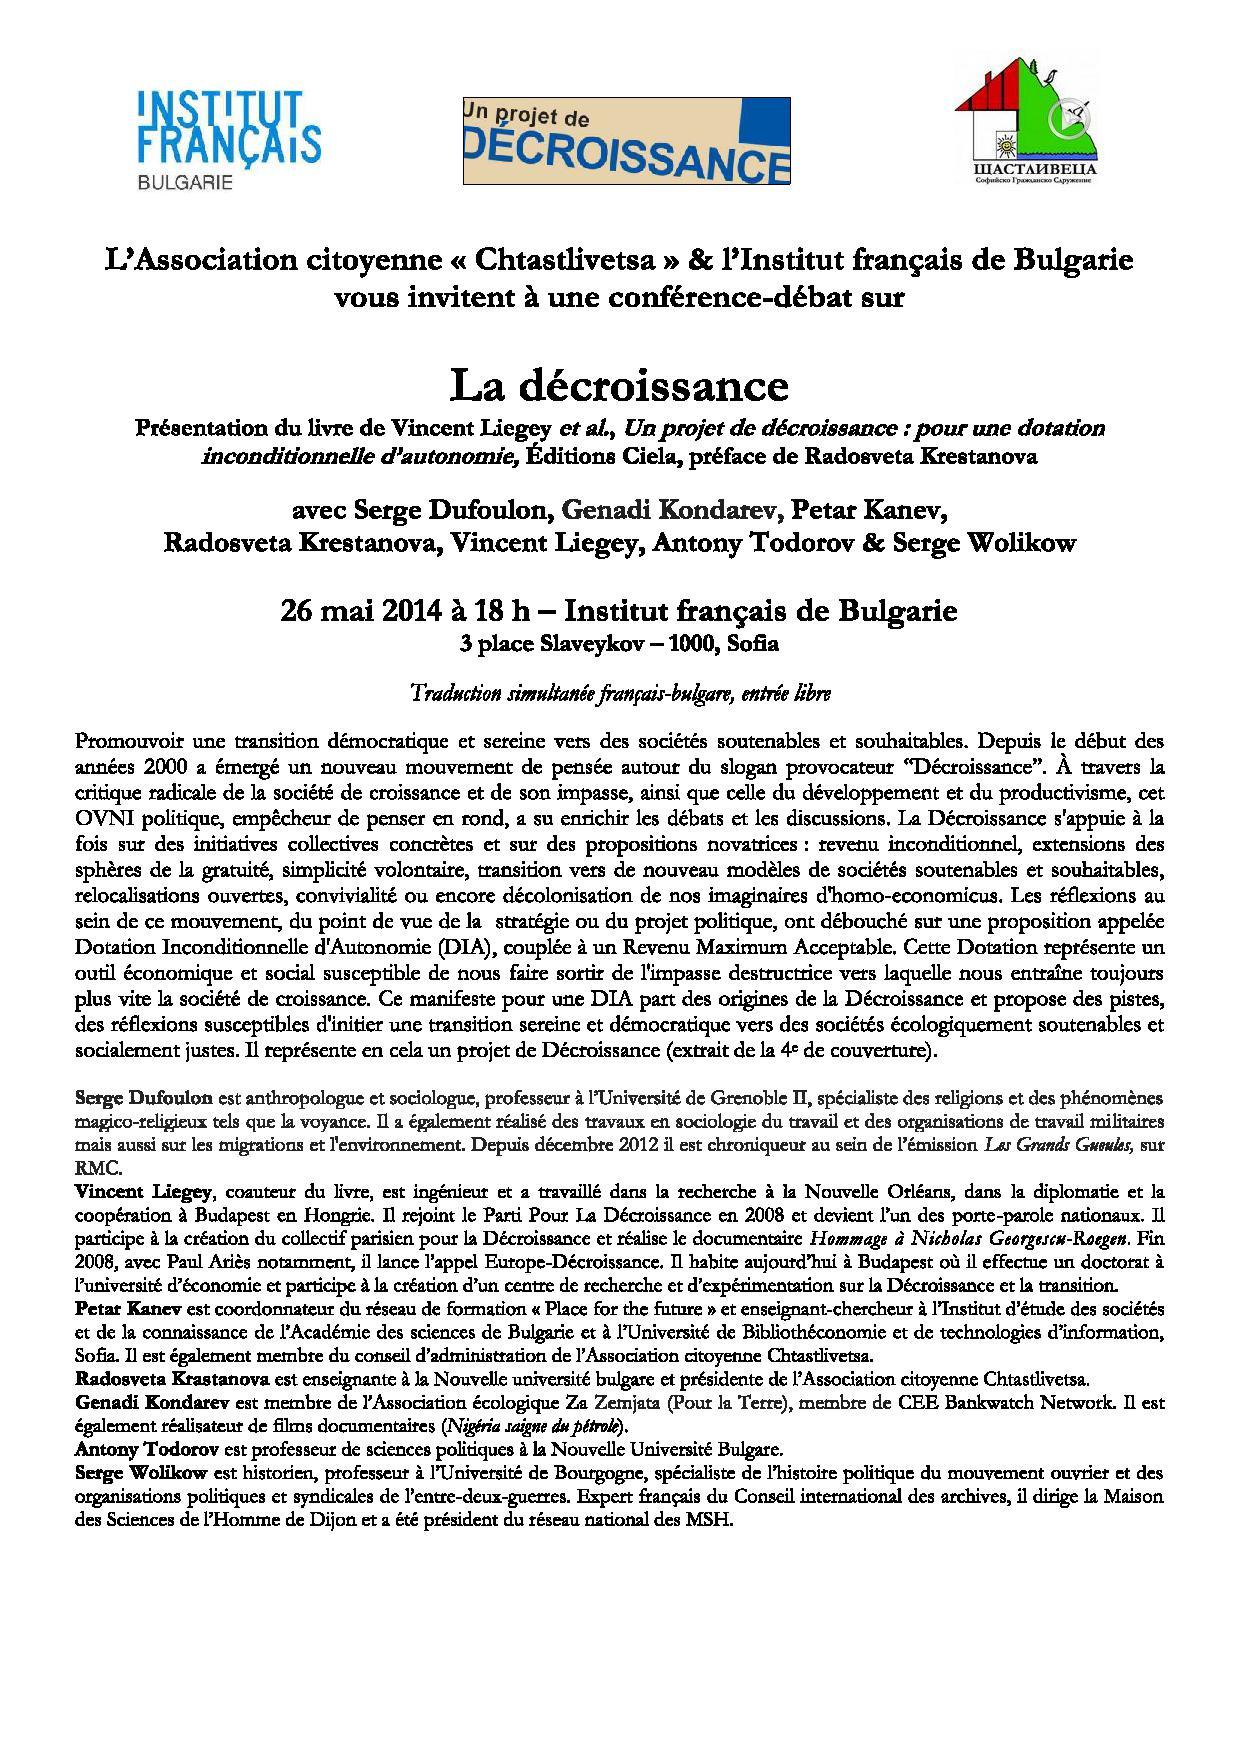 Communiqué_Decroissance_26_mai_fr